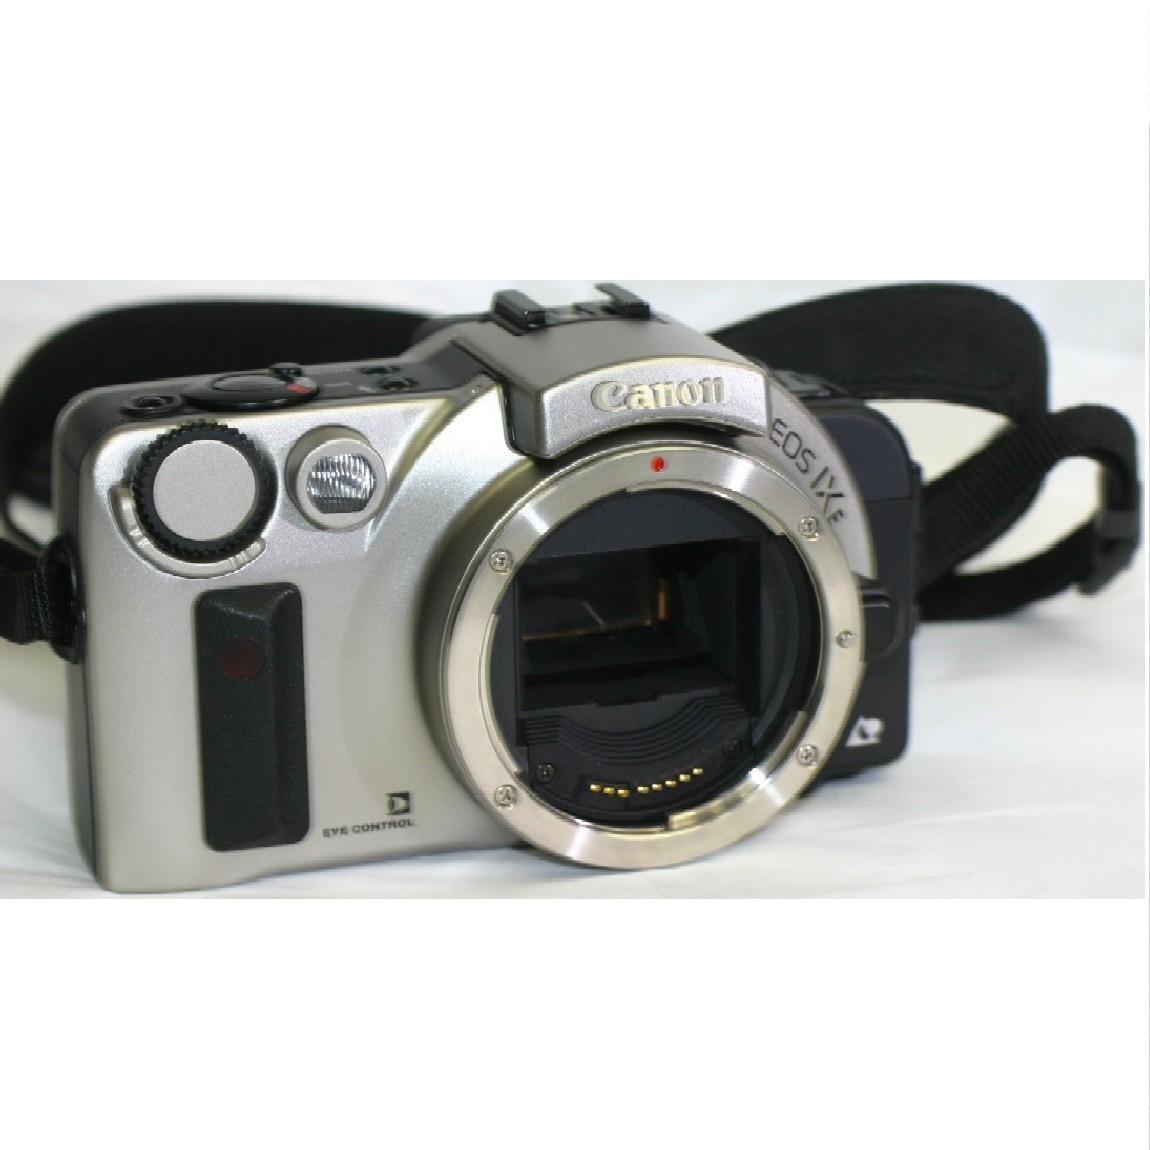 【中古】動作確認済みほぼ新品キャノンAPSフィルム使用1眼レフカメラボディEOS-IXYシルバーボディ 1ヶ月保障つき